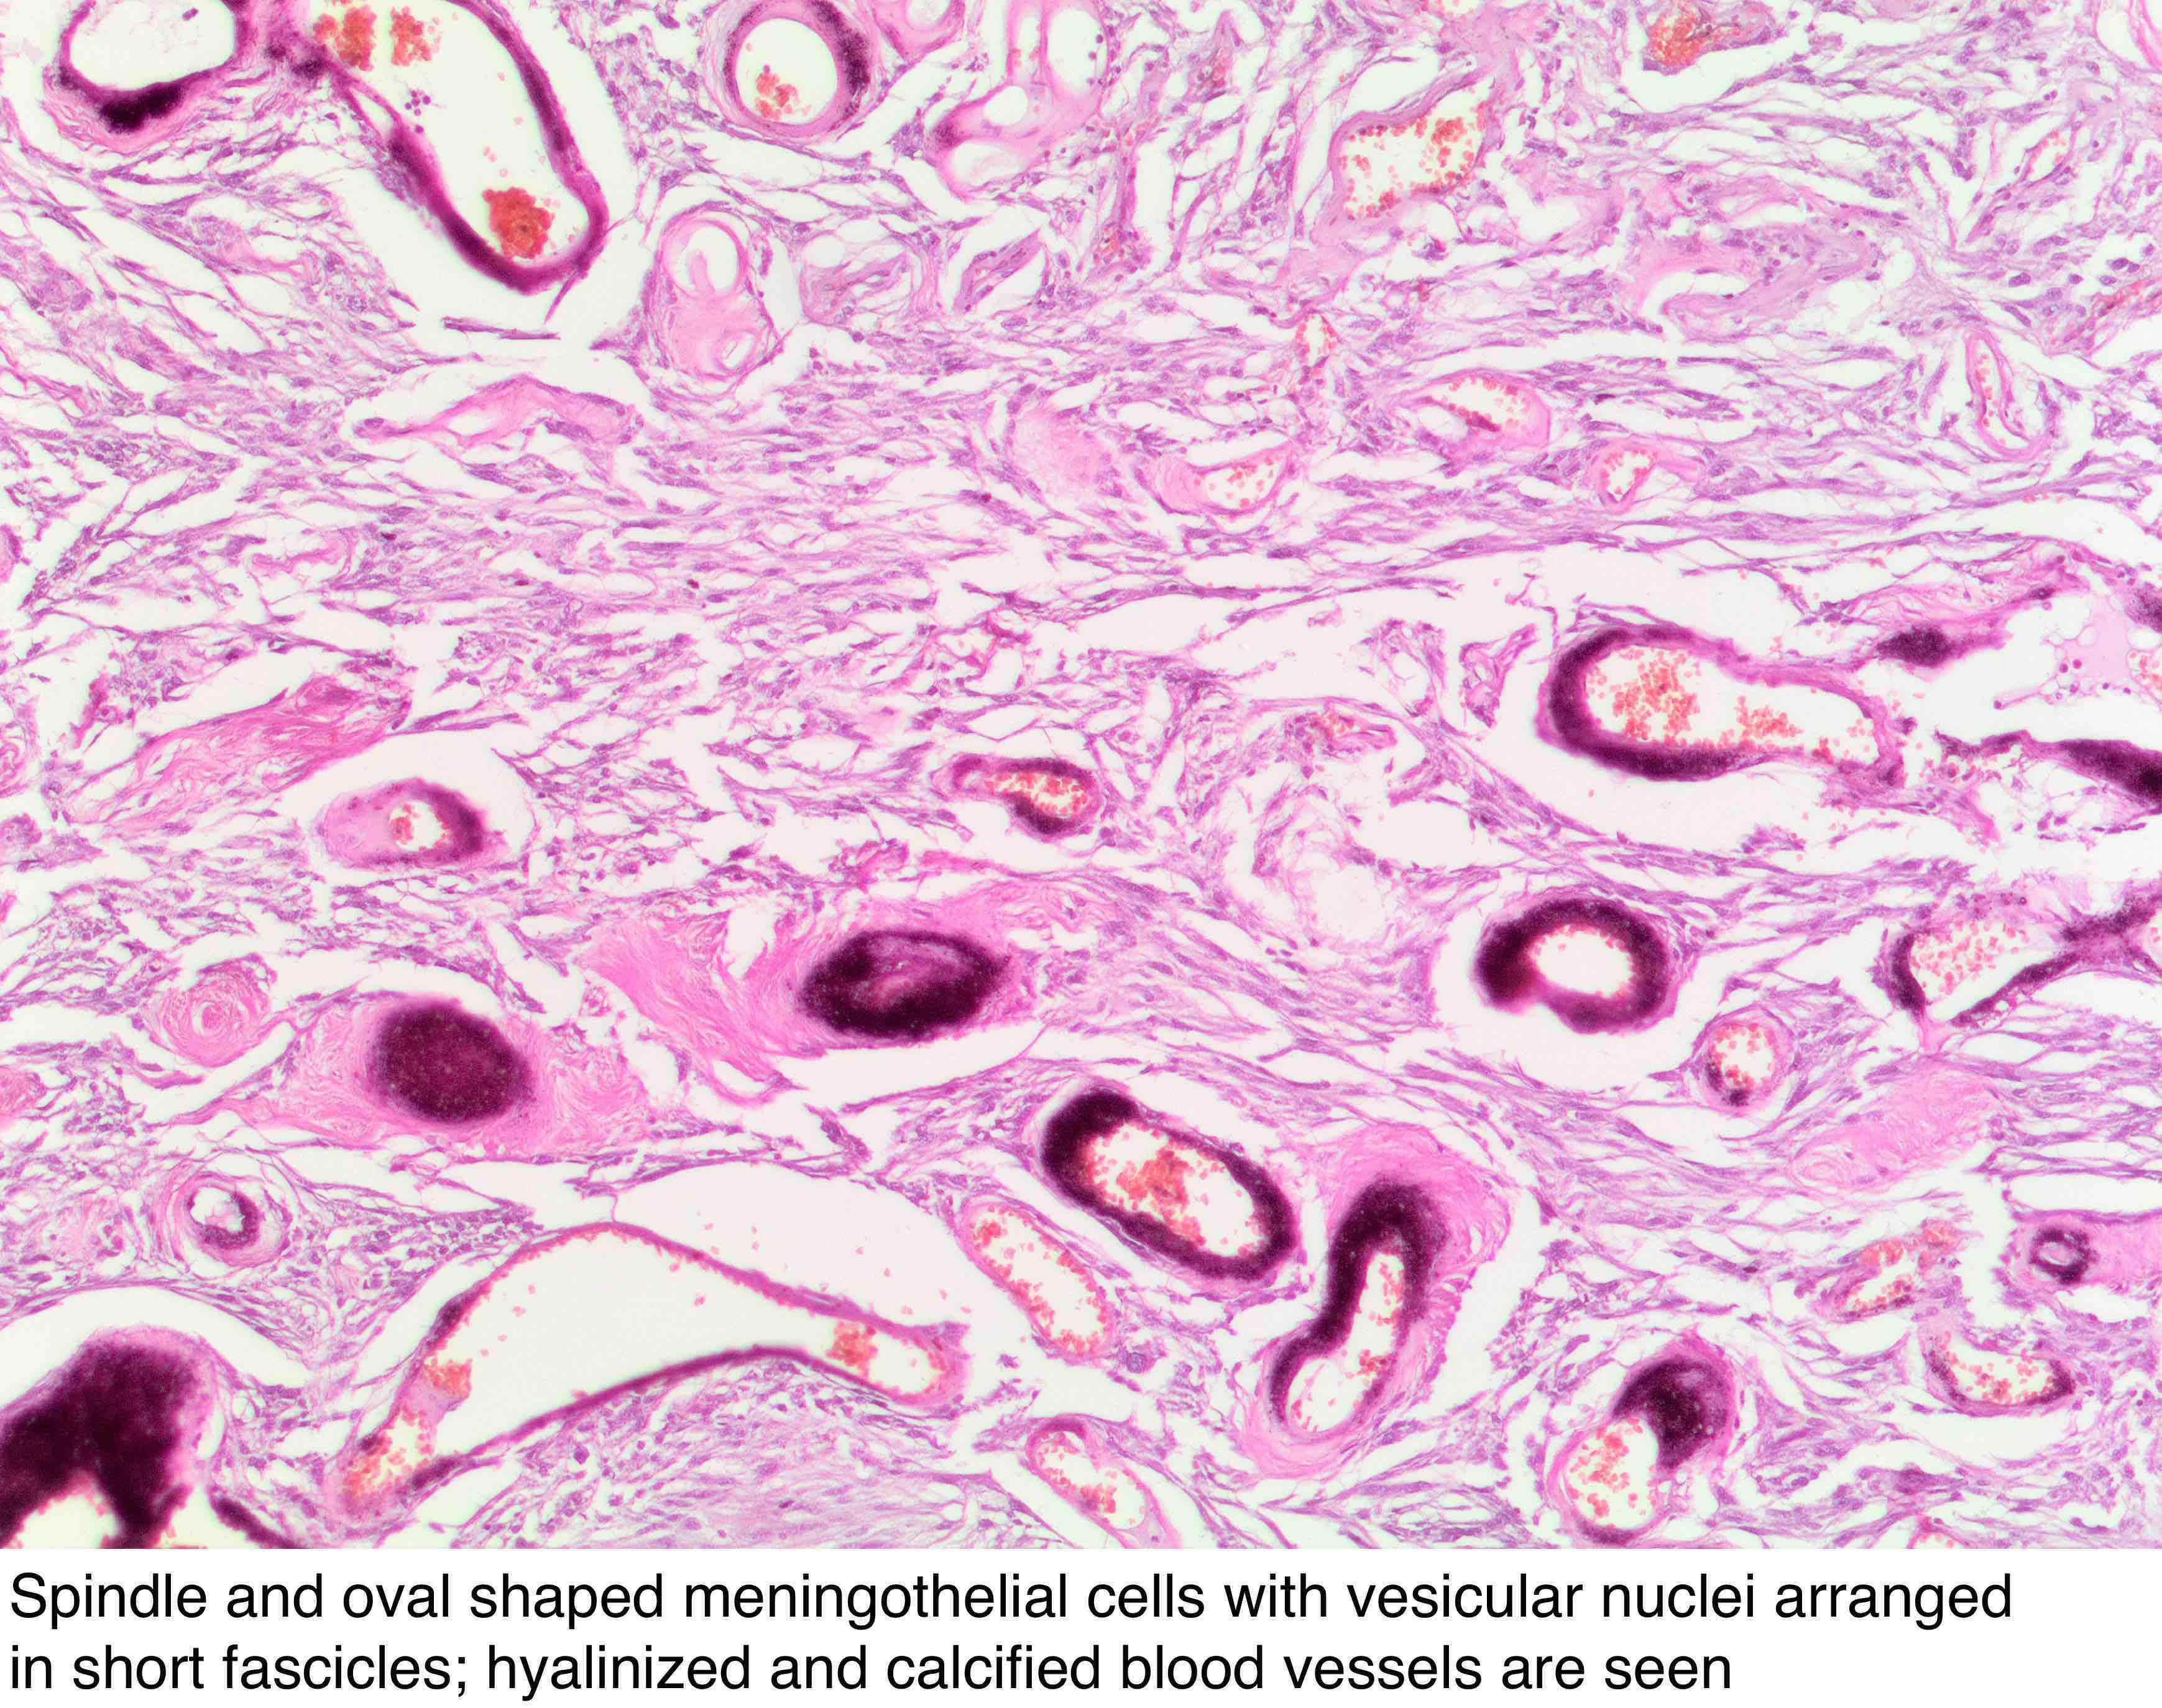 Pathology Outlines - Meningioma